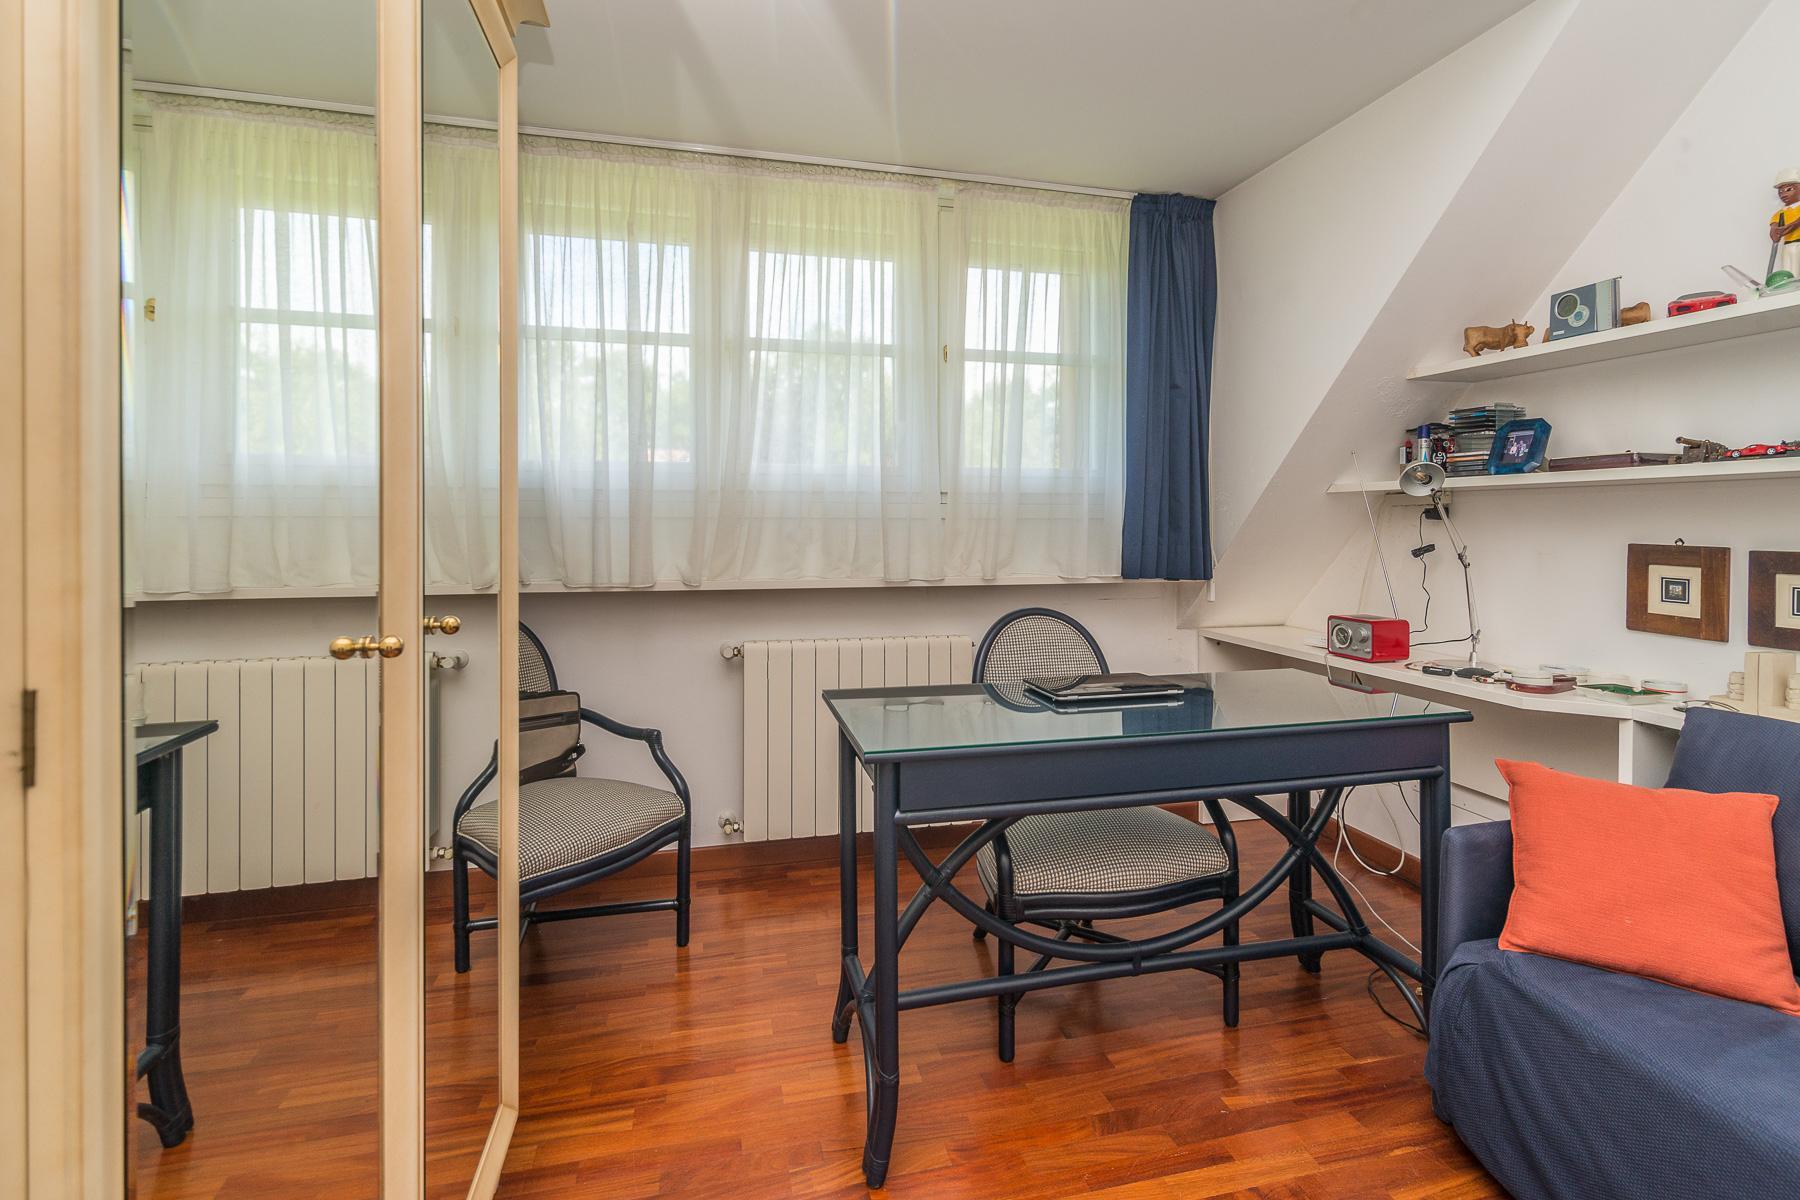 Golf Club de Castelconturbia, maison individuelle de 300 m² avec jardin de 1500 m² et jacuzzi - 23